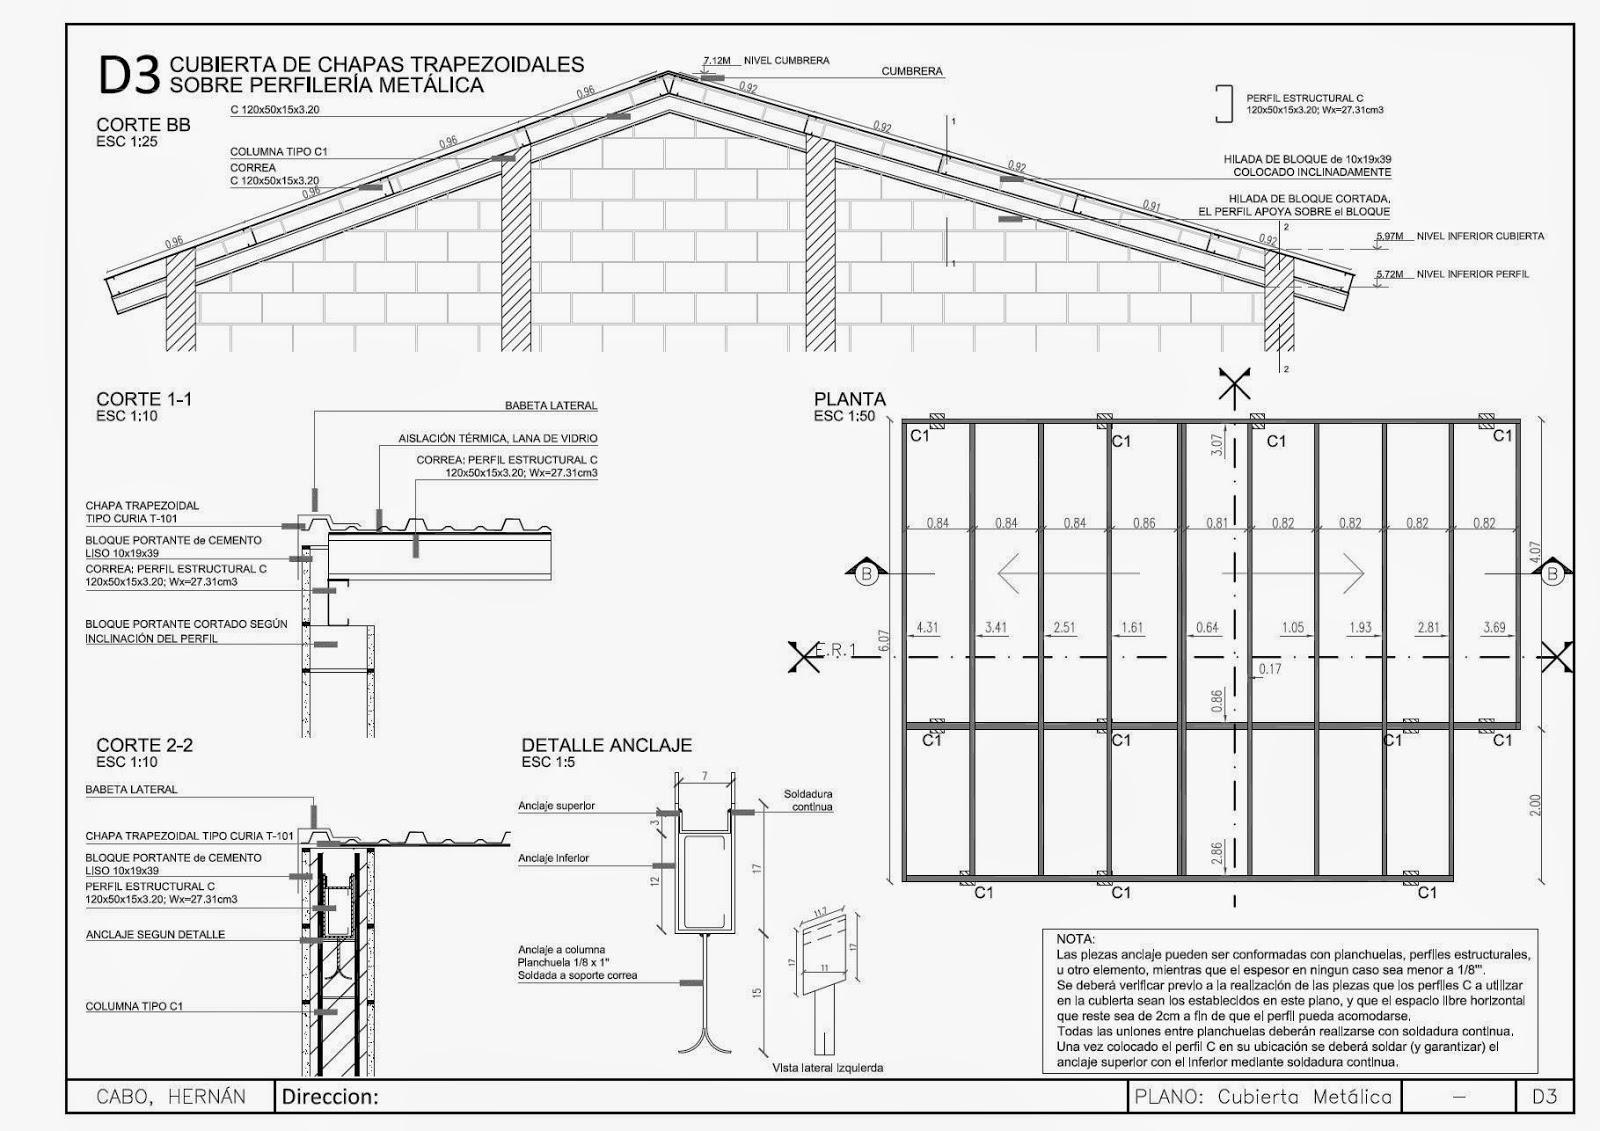 Detalles constructivos cad cubierta met lica con estructura de perfiles c - Detalle constructivo techo ...